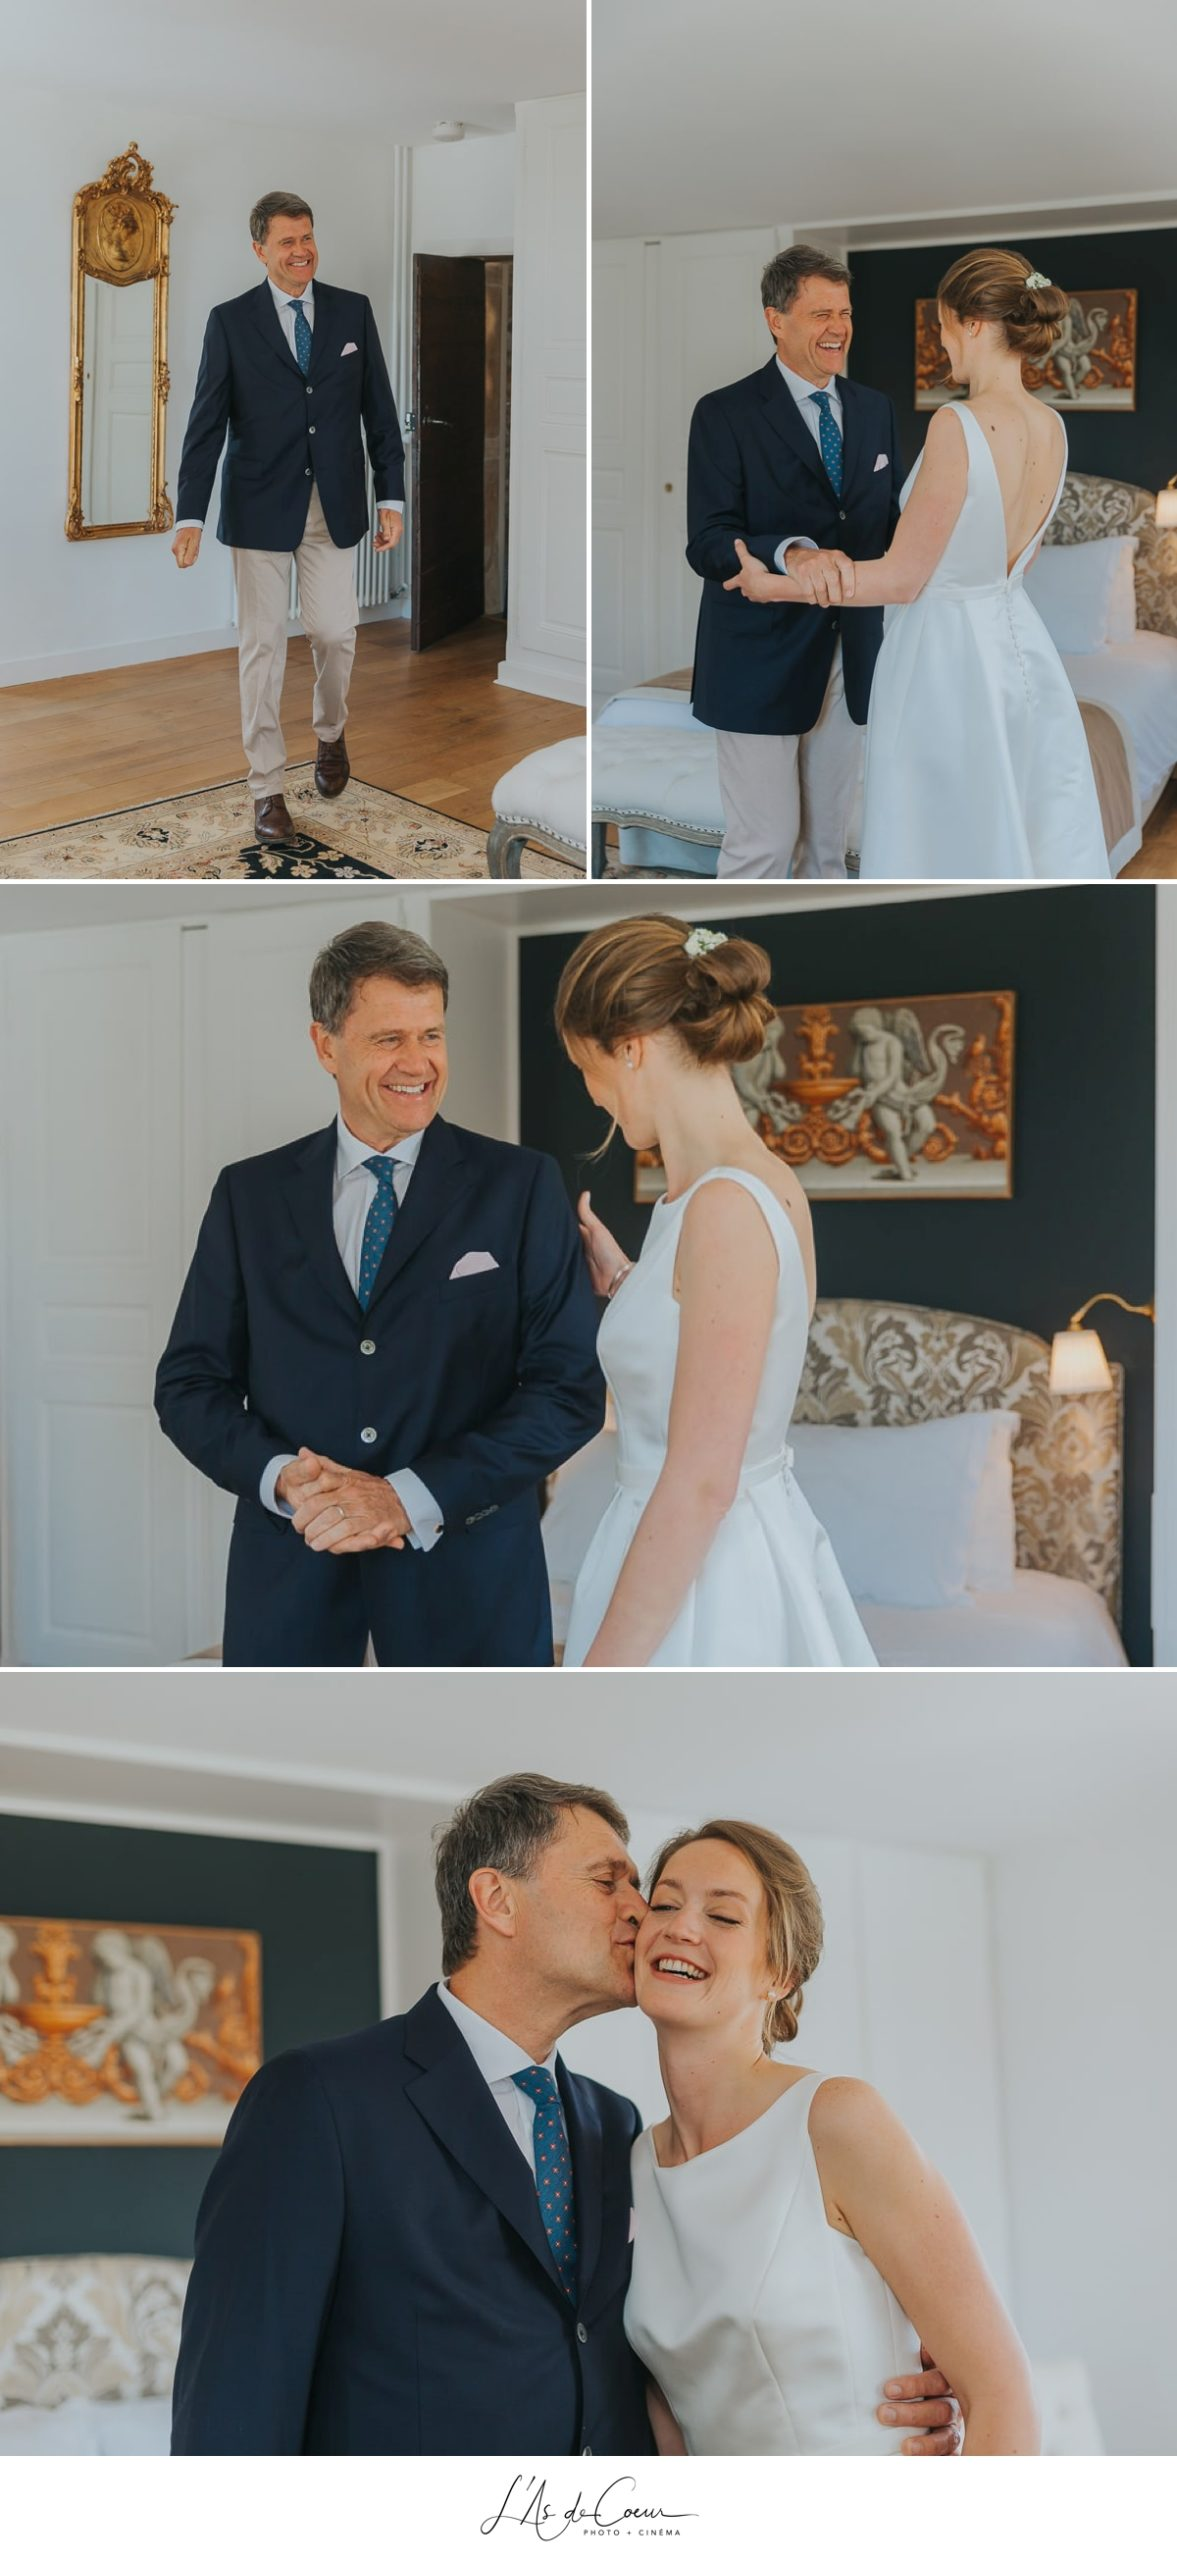 découverte mariée père Domaine de Morgon la javenrière photographe mariage lyon Beaujolais L'As de Coeur